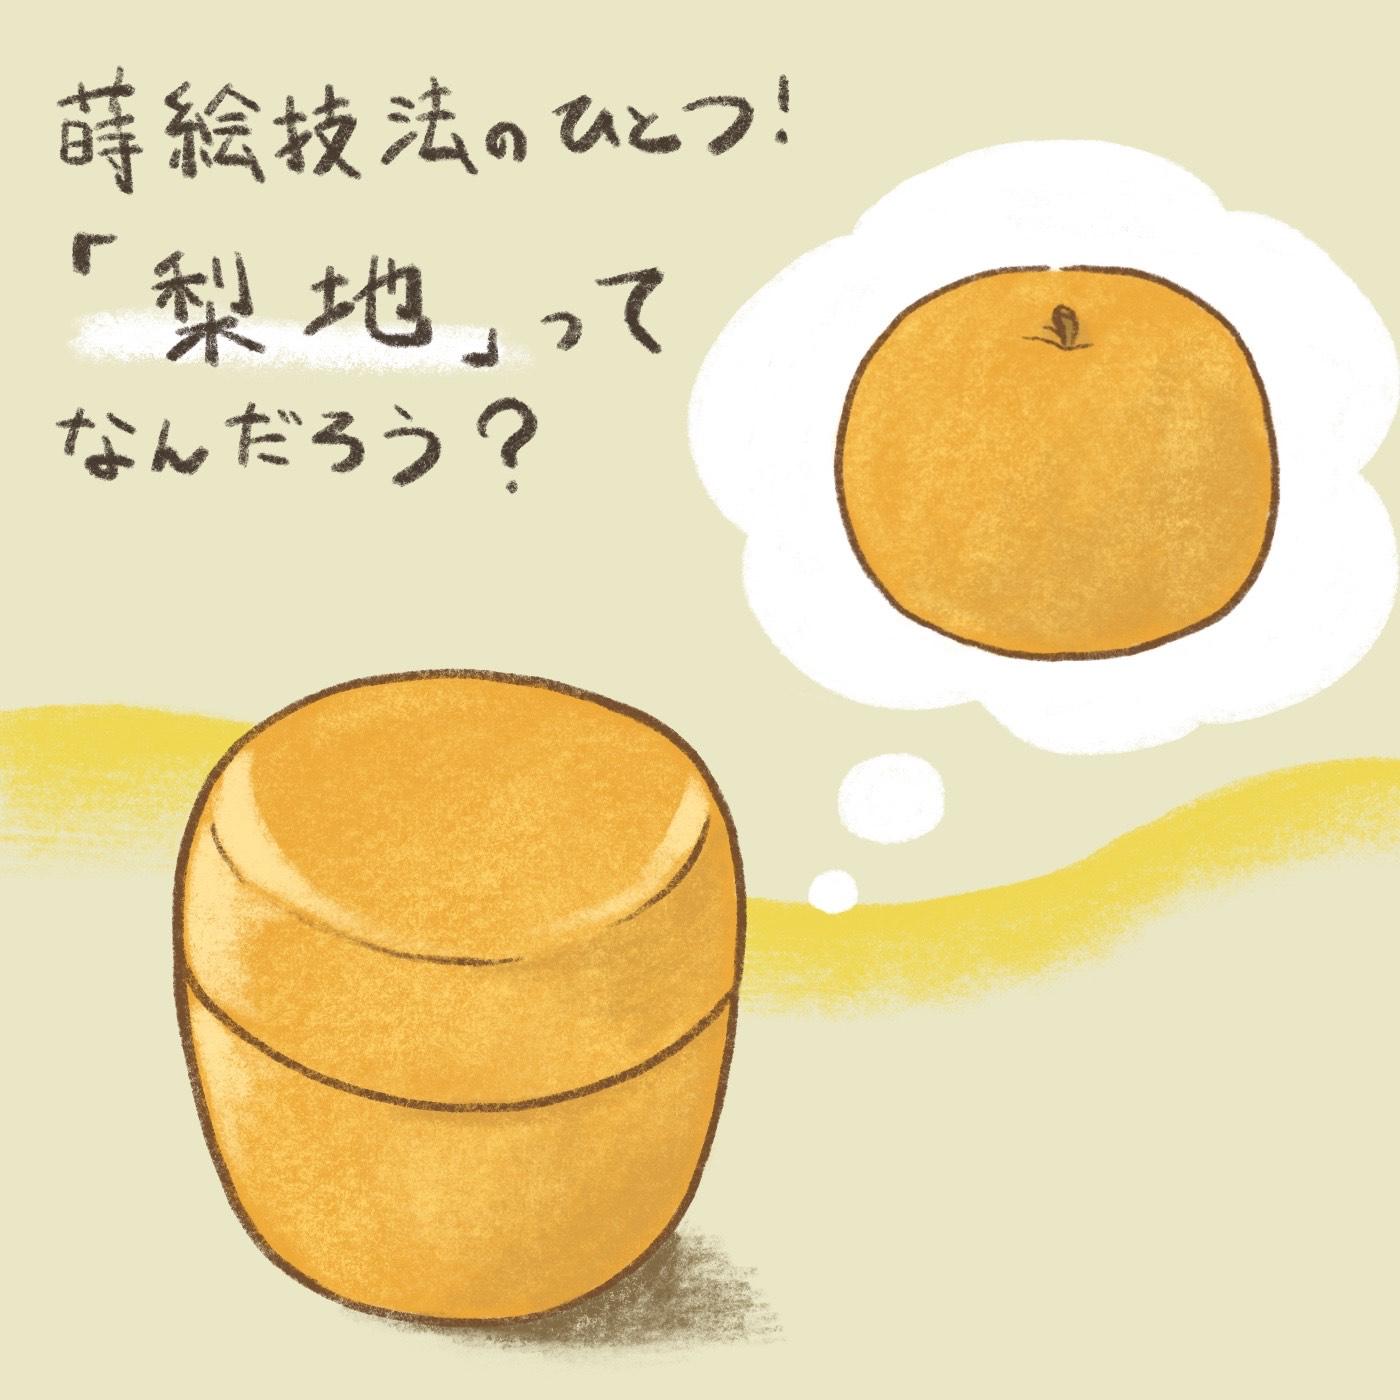 OBIKAKE ナニソレ 蒔絵技法 梨地 日本工芸品 つちやさや